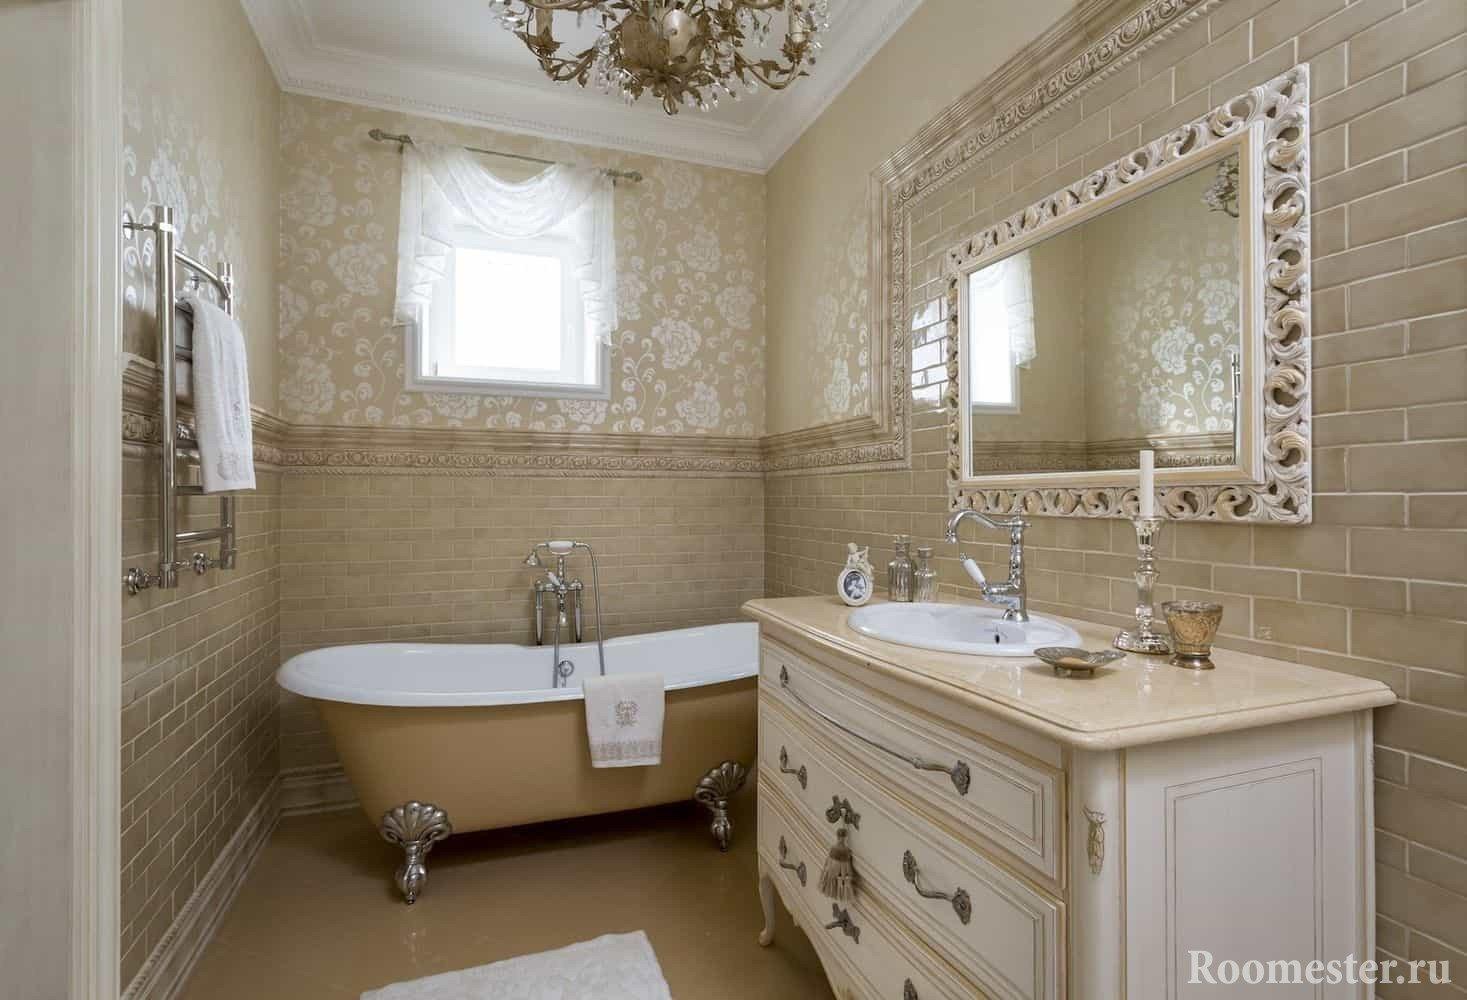 Дизайн ванной комнаты в 3-х комнатной квартире